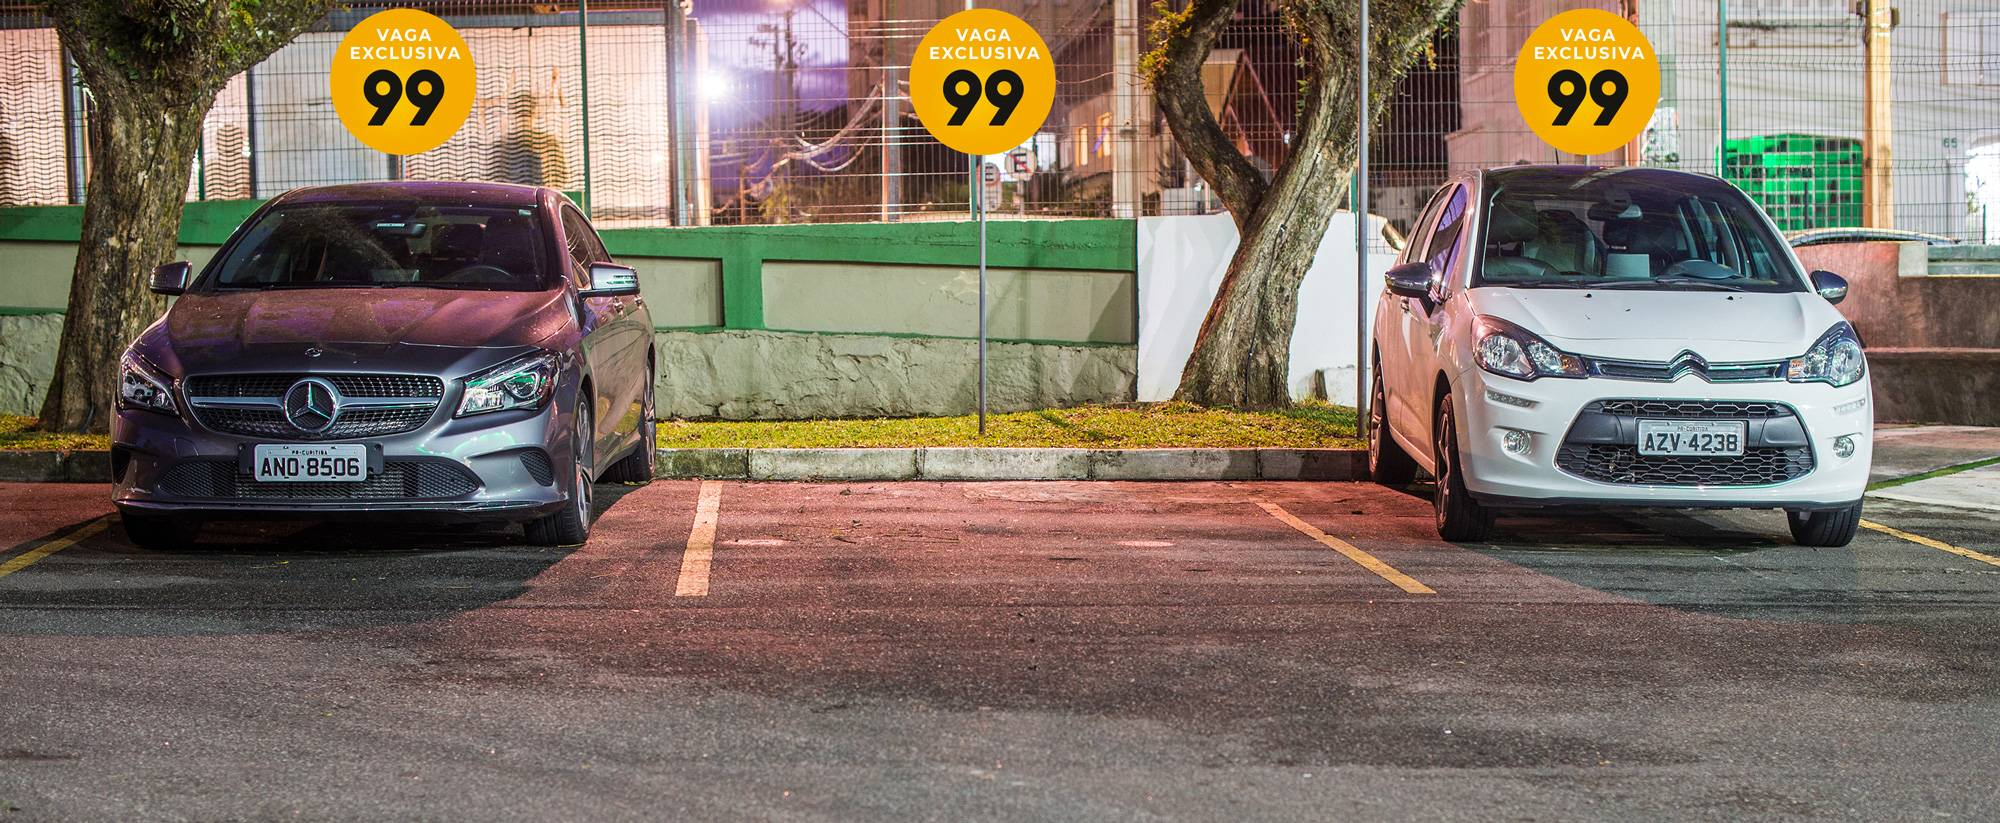 Vagas exclusivas do aplicativo no Couto Pereira. Bolsão de estacionamento.